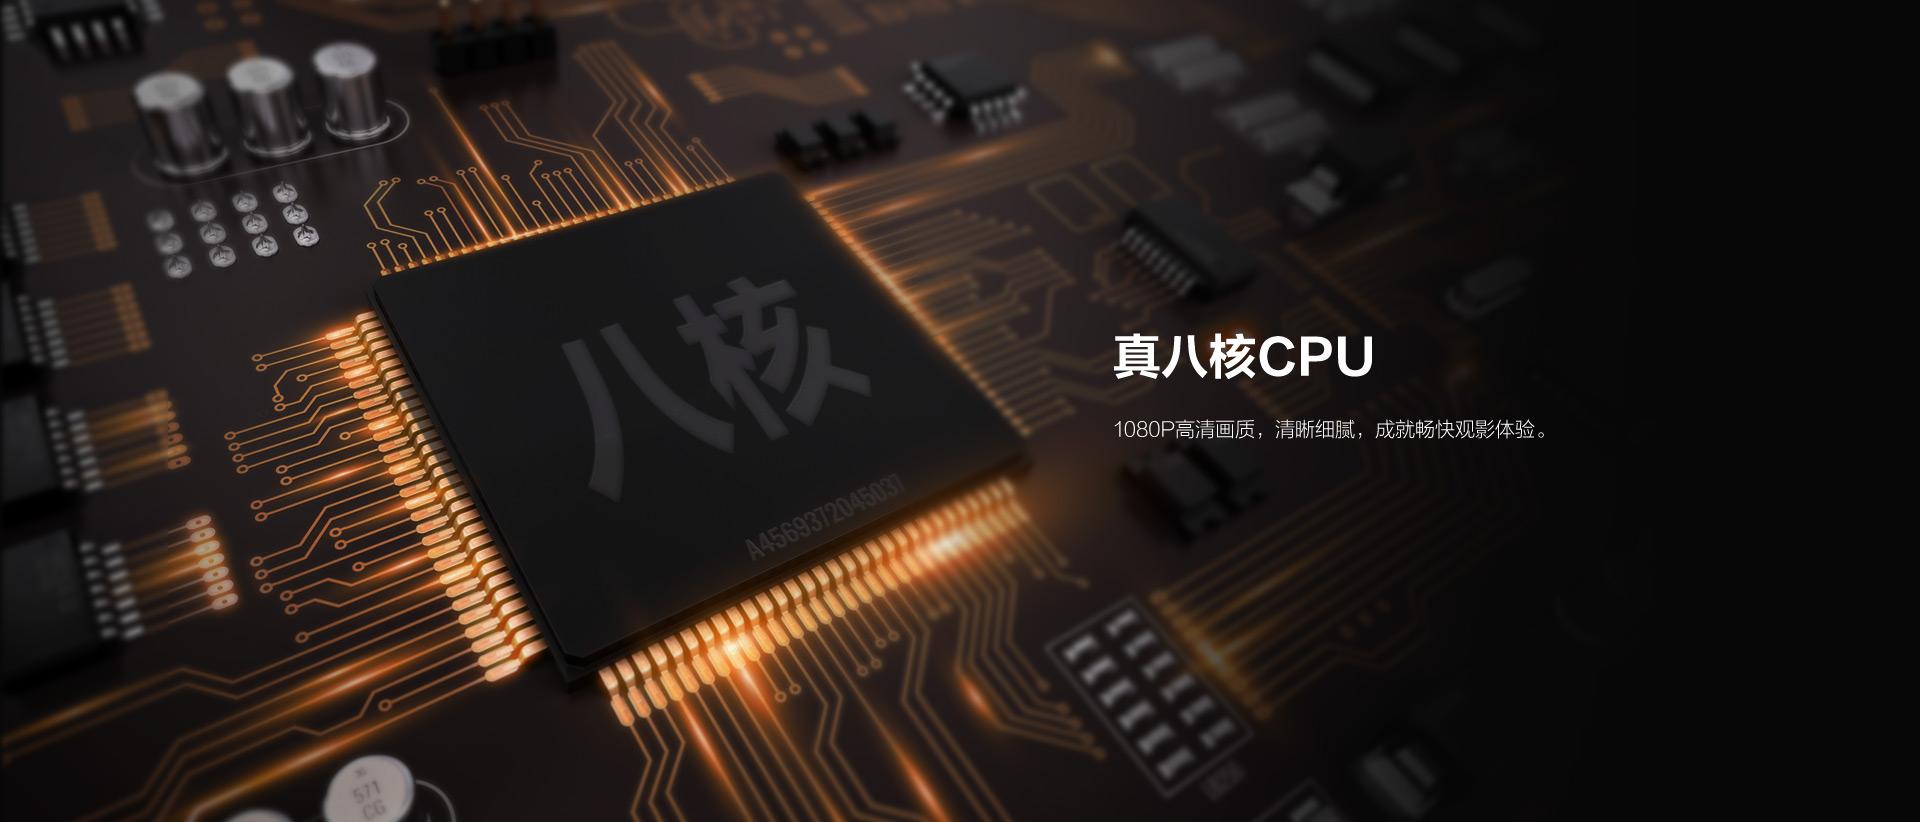 真八核CPU